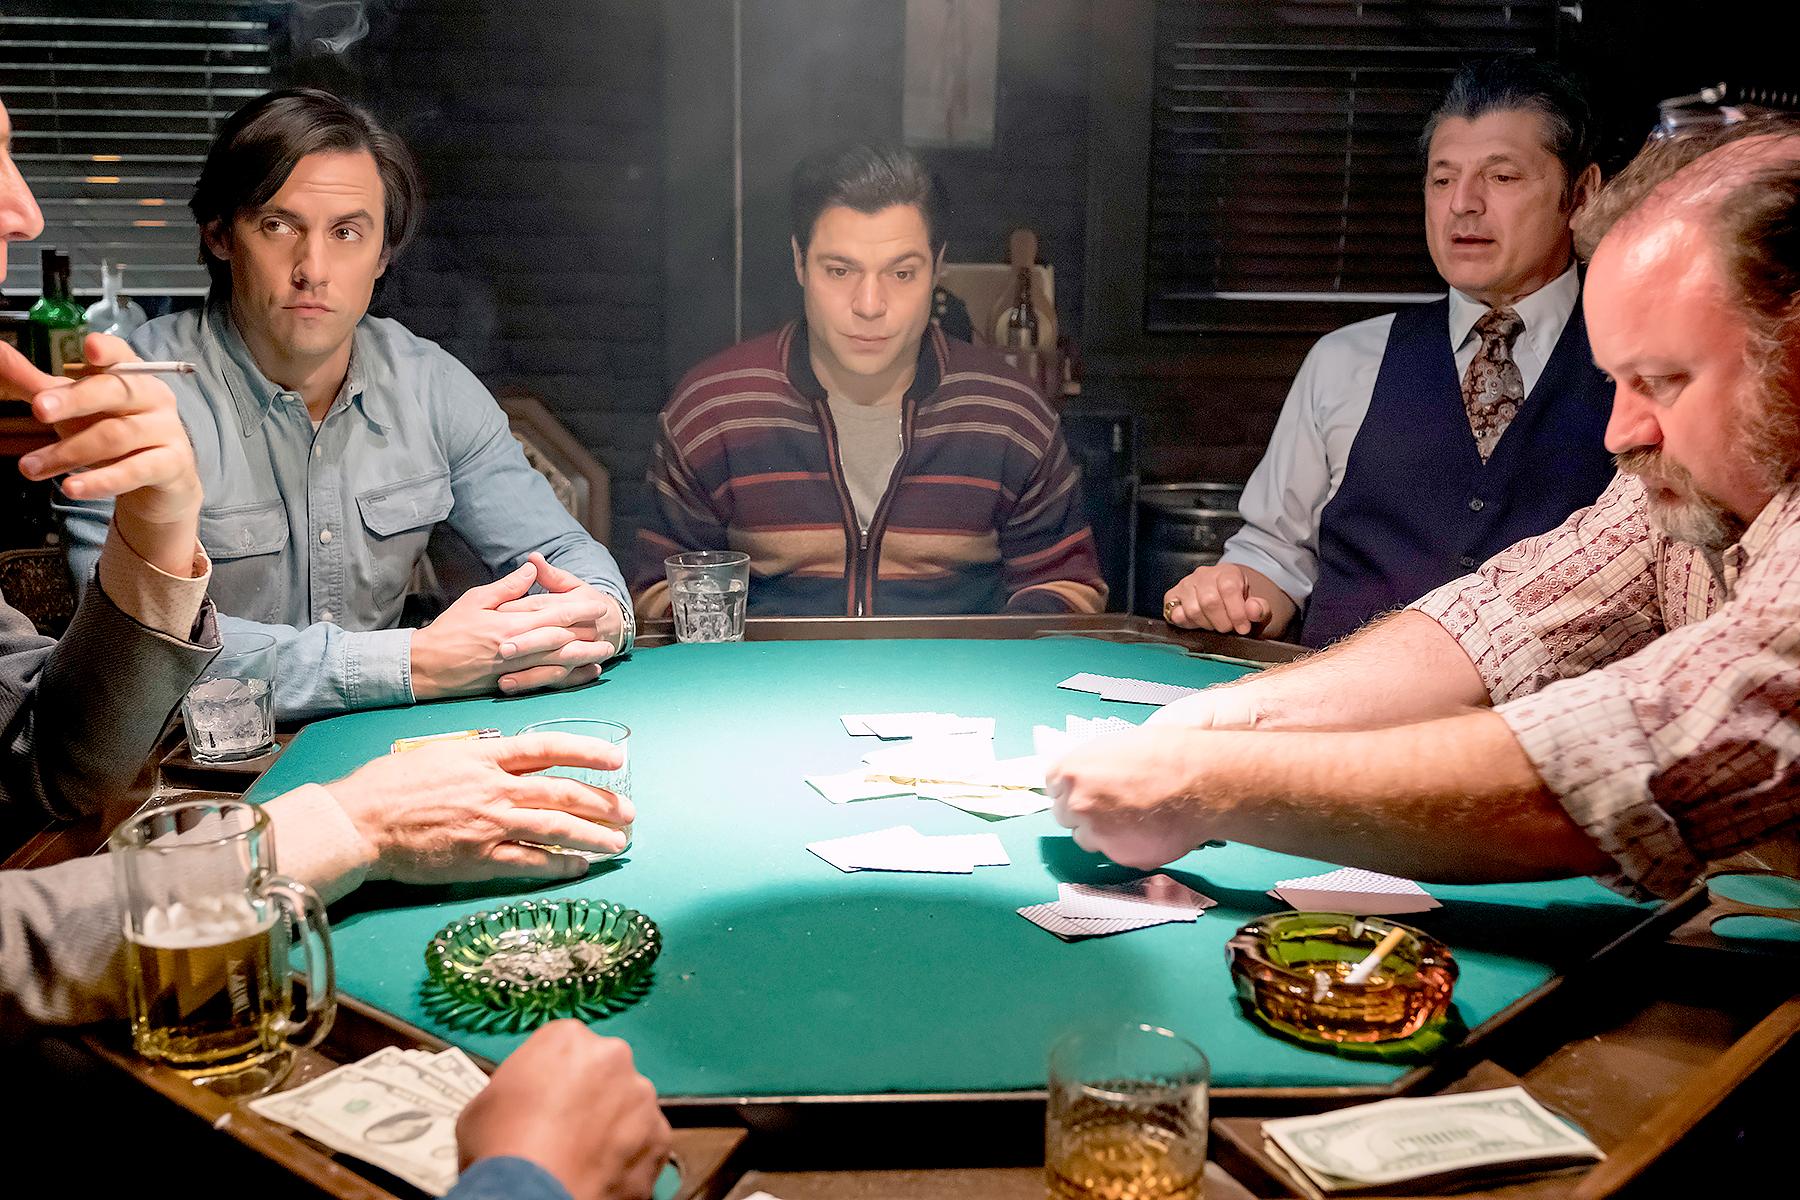 Milo Ventimiglia as Jack on This Is Us.